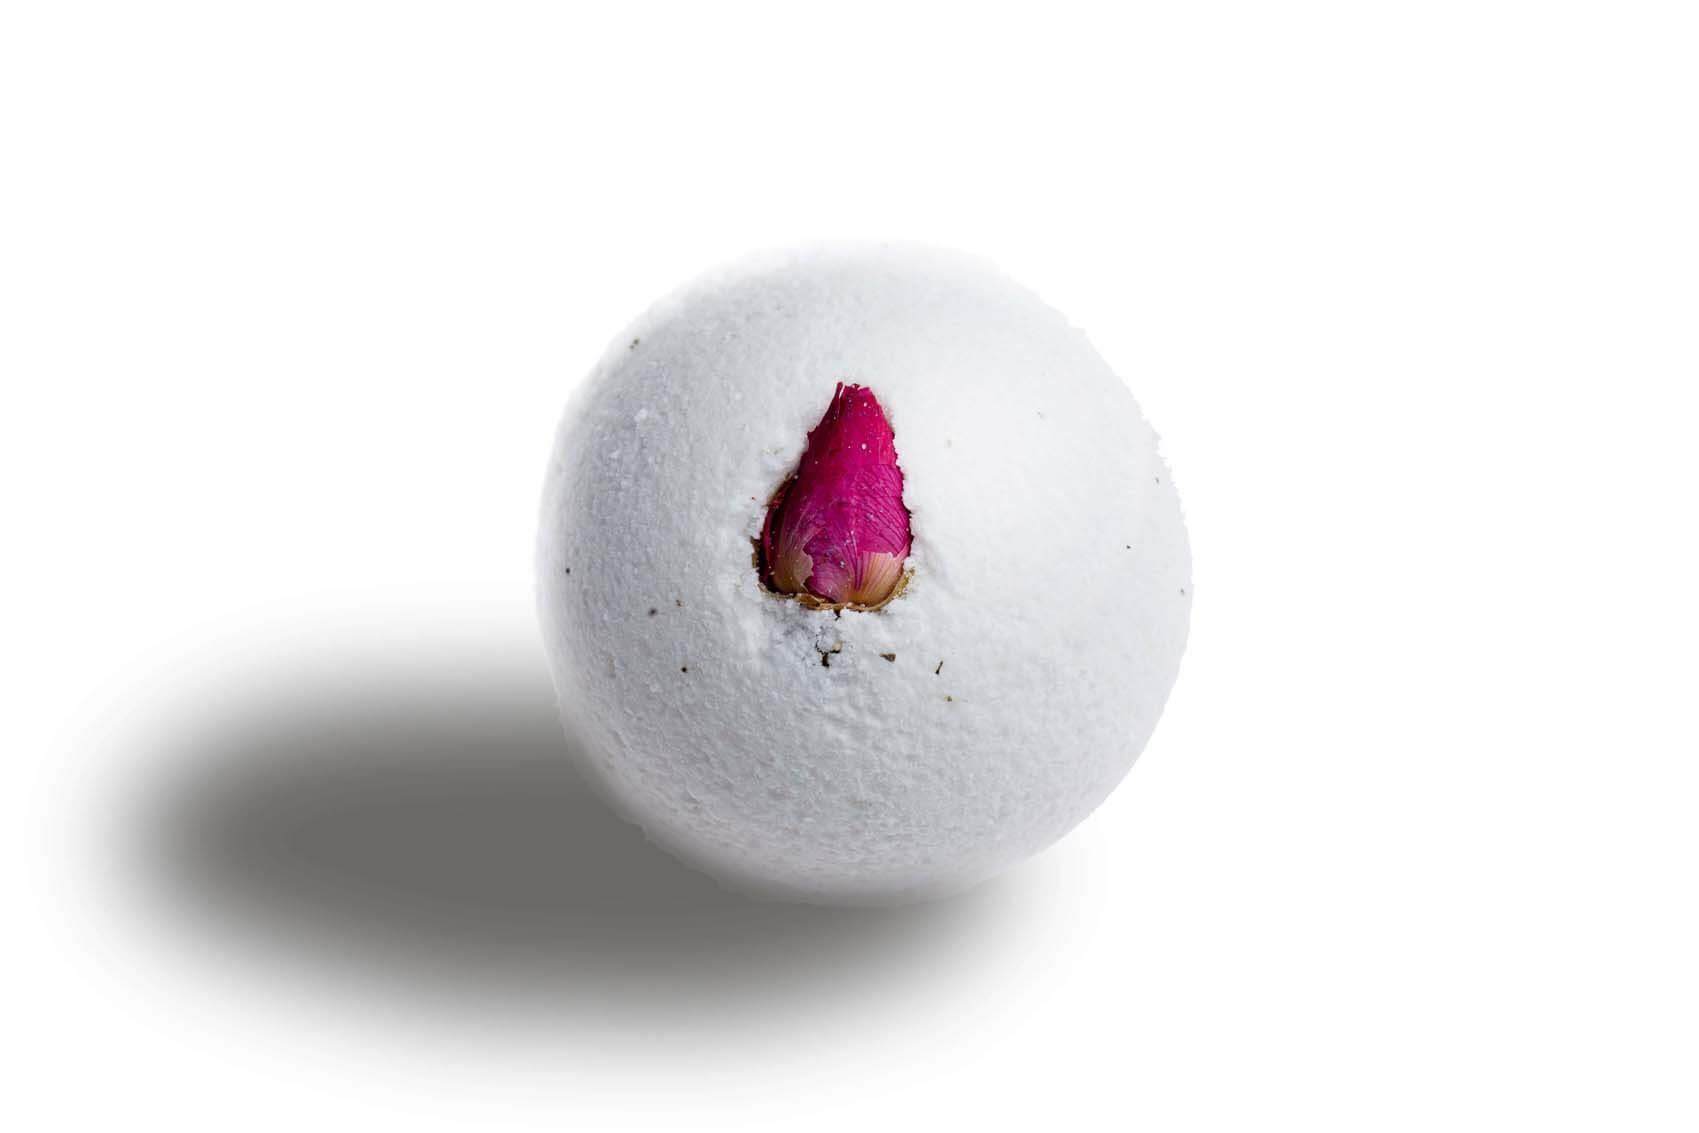 Бомба для ванны с миксом эфирных масел жасмина и иланг-иланга не только обладает терапевтическим арома-эффектом. Помимо выраженного действия афродизиаков в ее запахе, в процессе ее растворения вас ждет сюрприз - маленький розовый бутон, спрятанный внутри бомбы. Он и облако чувственного запаха - вот и все следы, которые останутся после ее применения - в бомбе нет никаких красителей, и она не оставляет разводов на поверхности ванны.